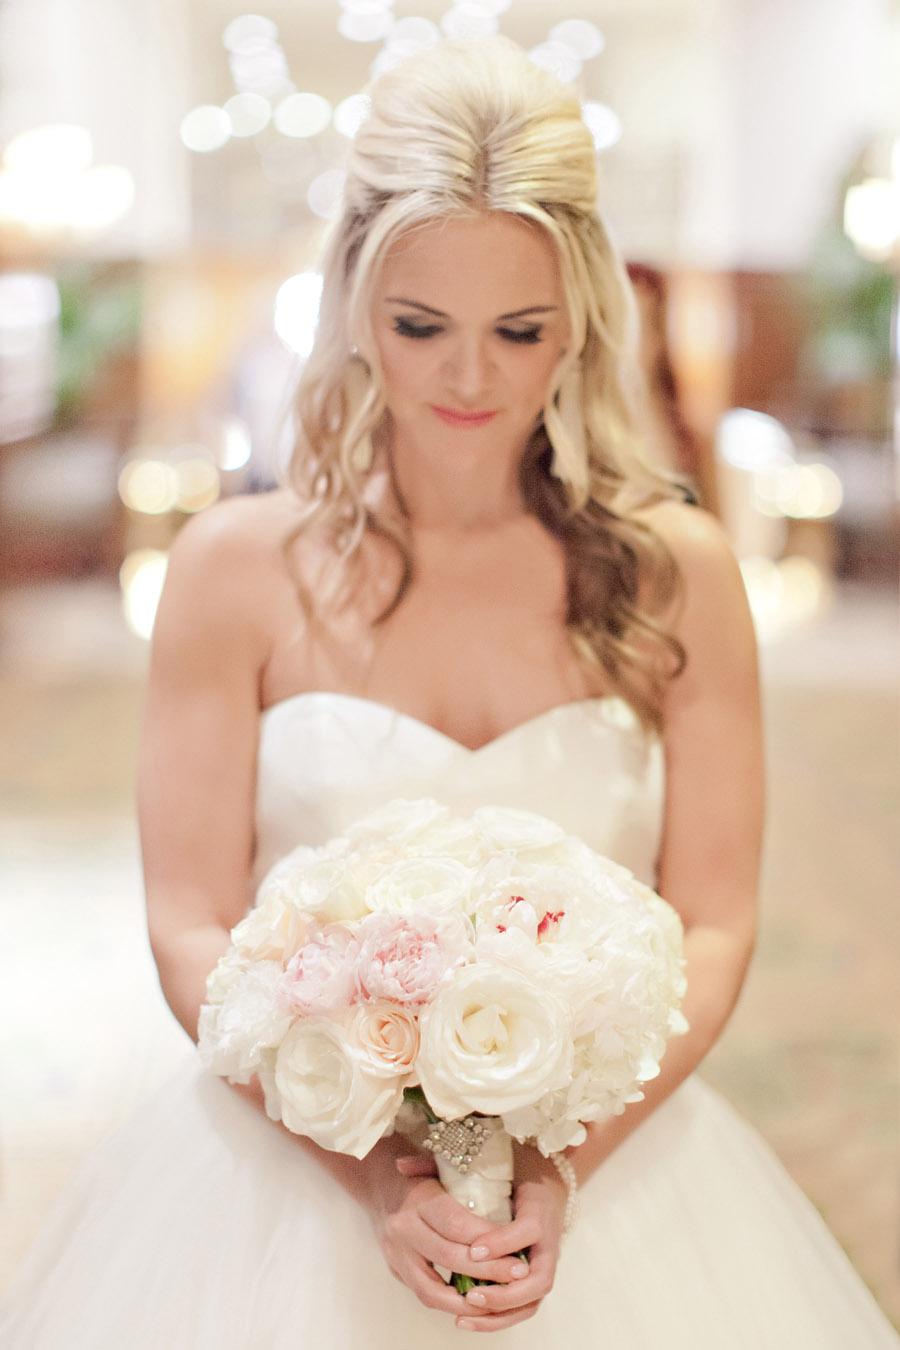 022-Thanksgiving-Tower-Club-Dallas-Wedding-by-Ivy-Weddings-swank-Soiree-Dallas-wedding- planner.jpg